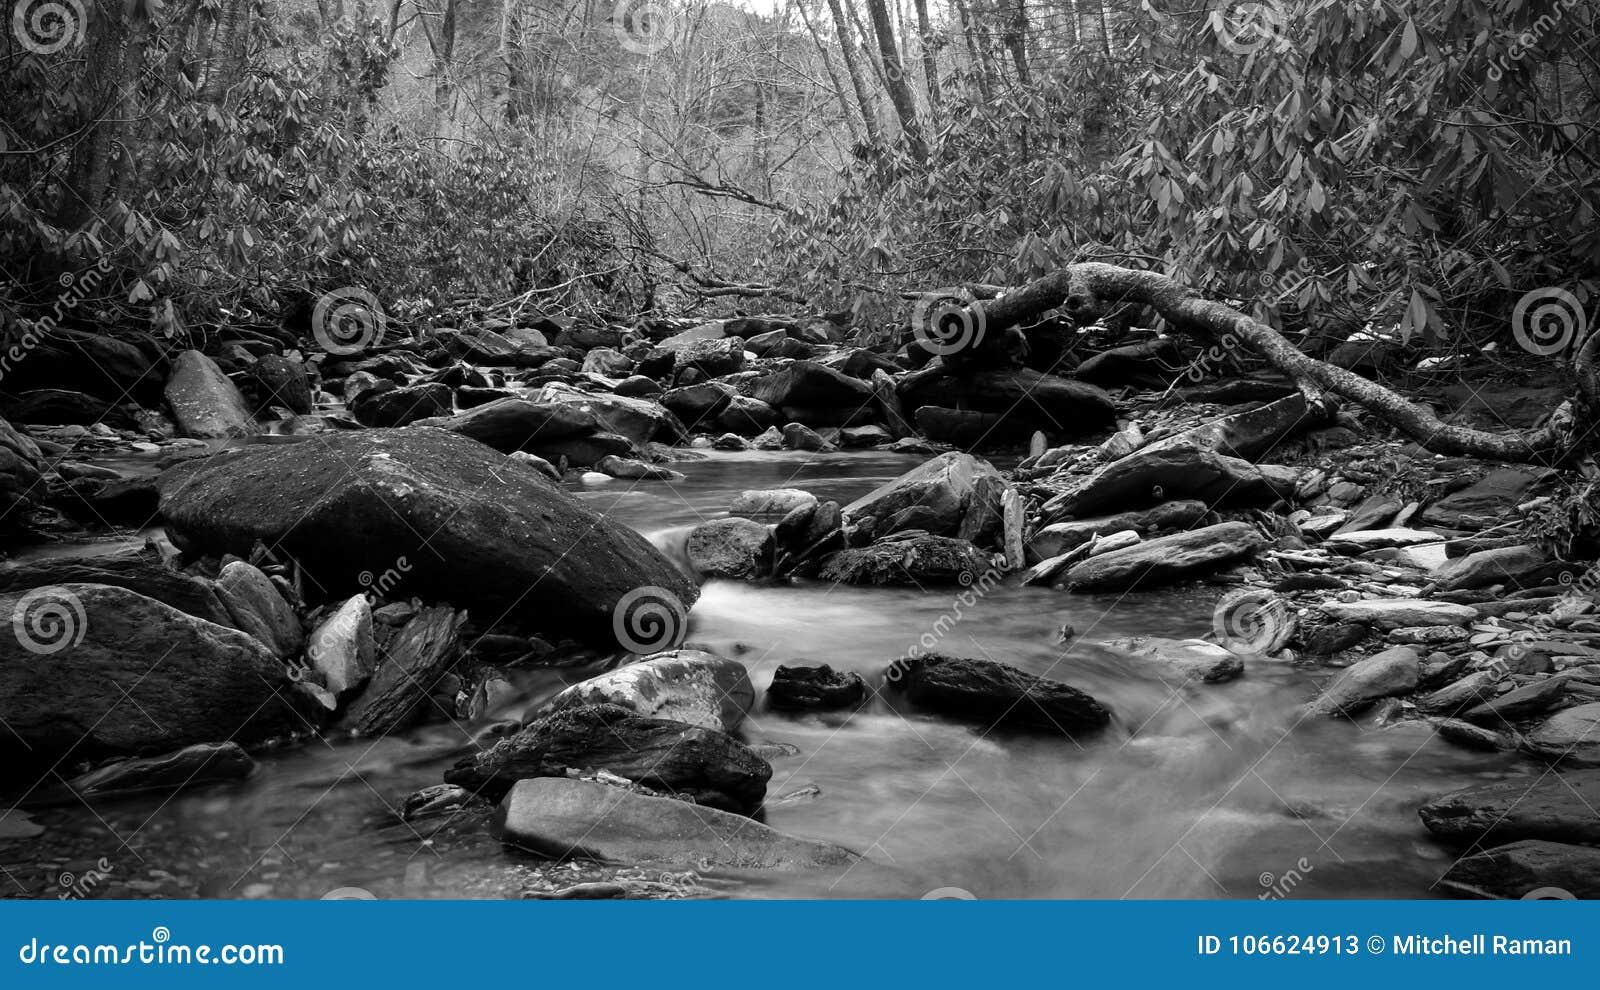 Fotografia preto e branco da natureza de um rio rujir nas madeiras profundas do parque nacional de Great Smoky Mountains